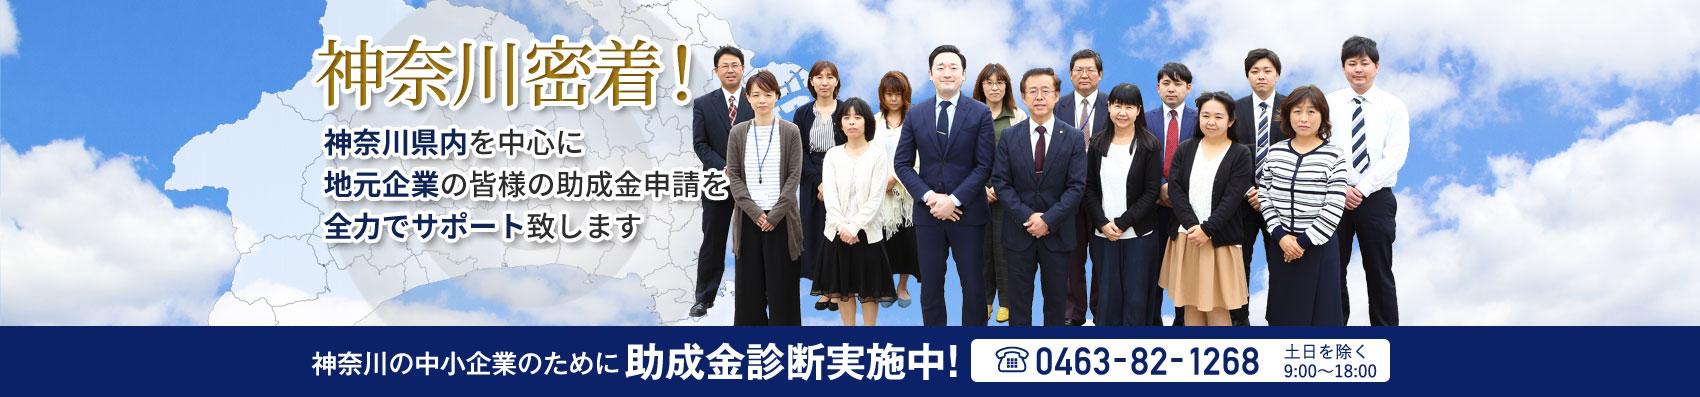 神奈川密着!神奈川県内を中心に地元企業の皆様の助成金申請を全力でサポート致します